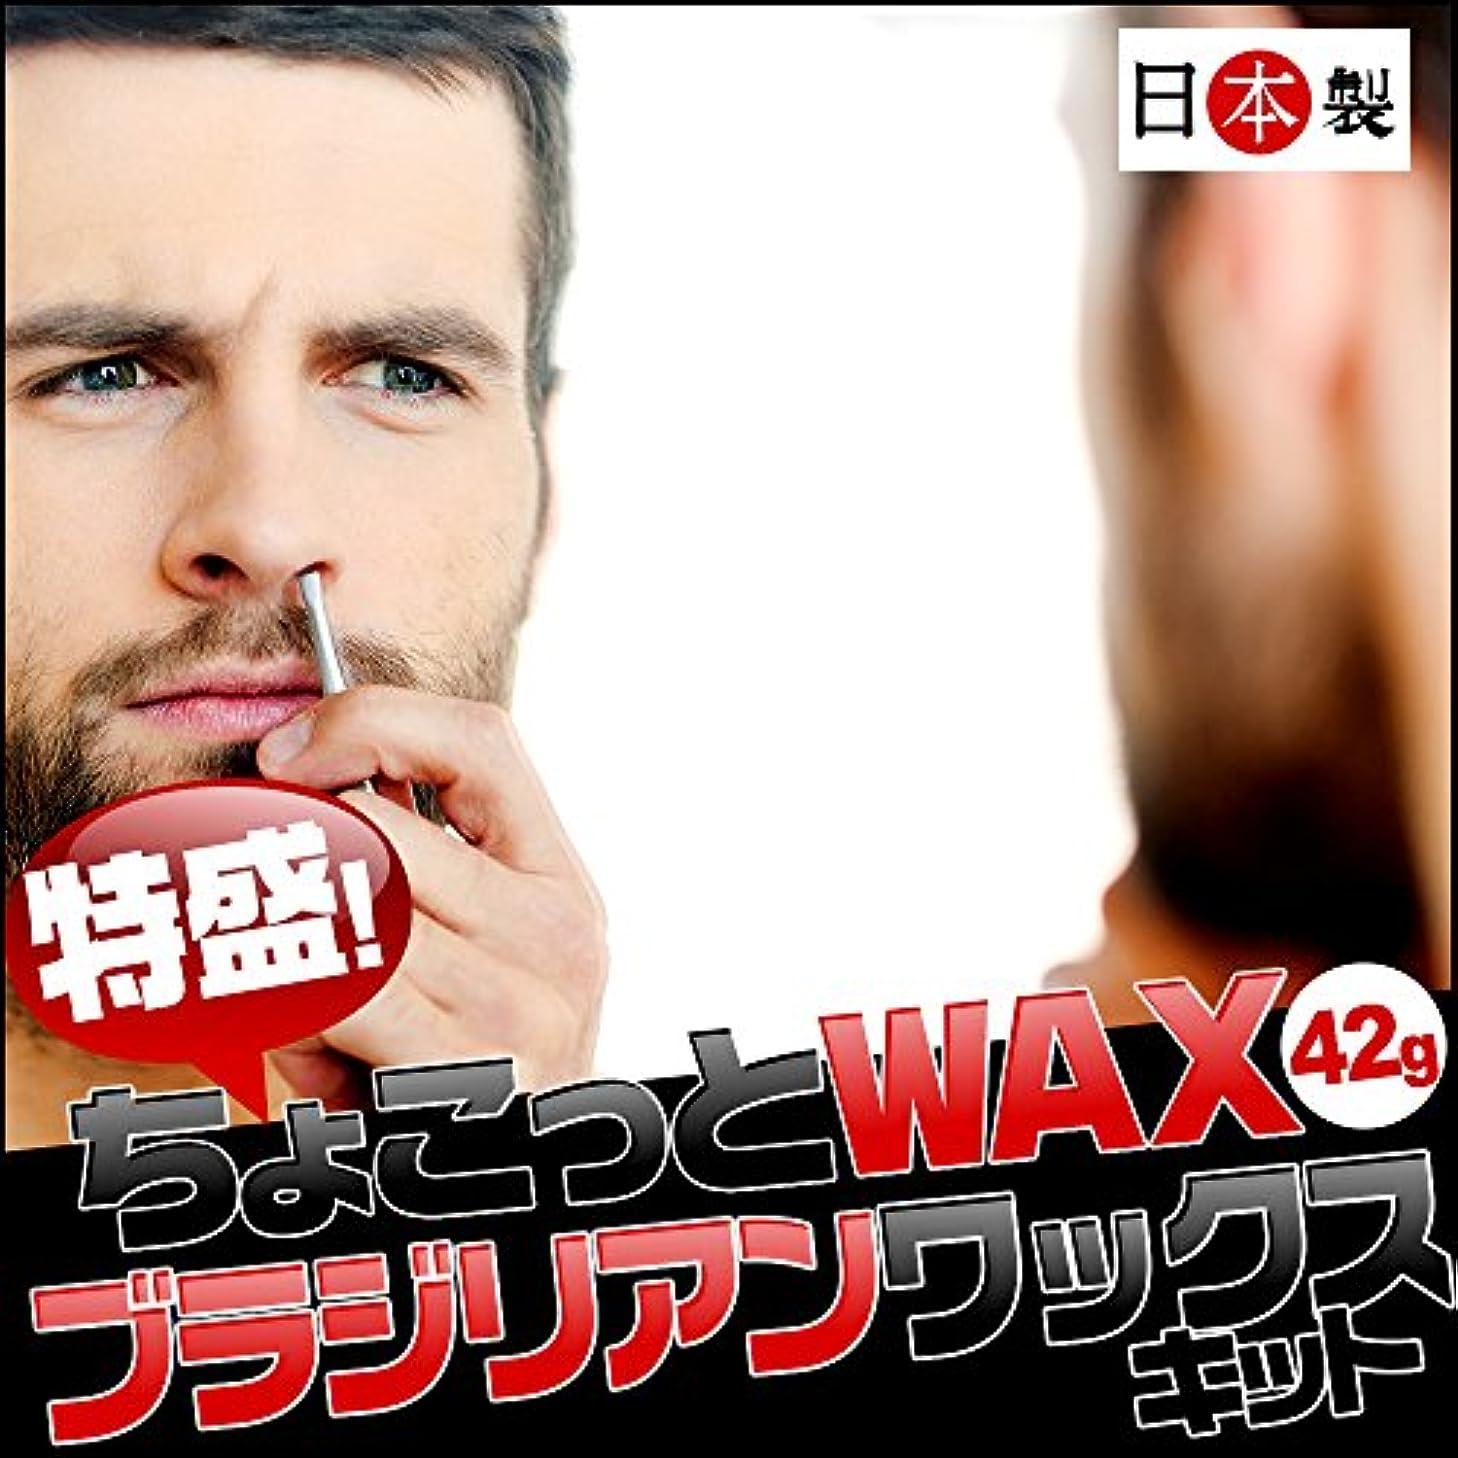 ラボ理論和らげる日本製ワックスで安心!鼻毛脱毛  特盛  ちょこっとWax 6回分 (鼻毛スティック12本)